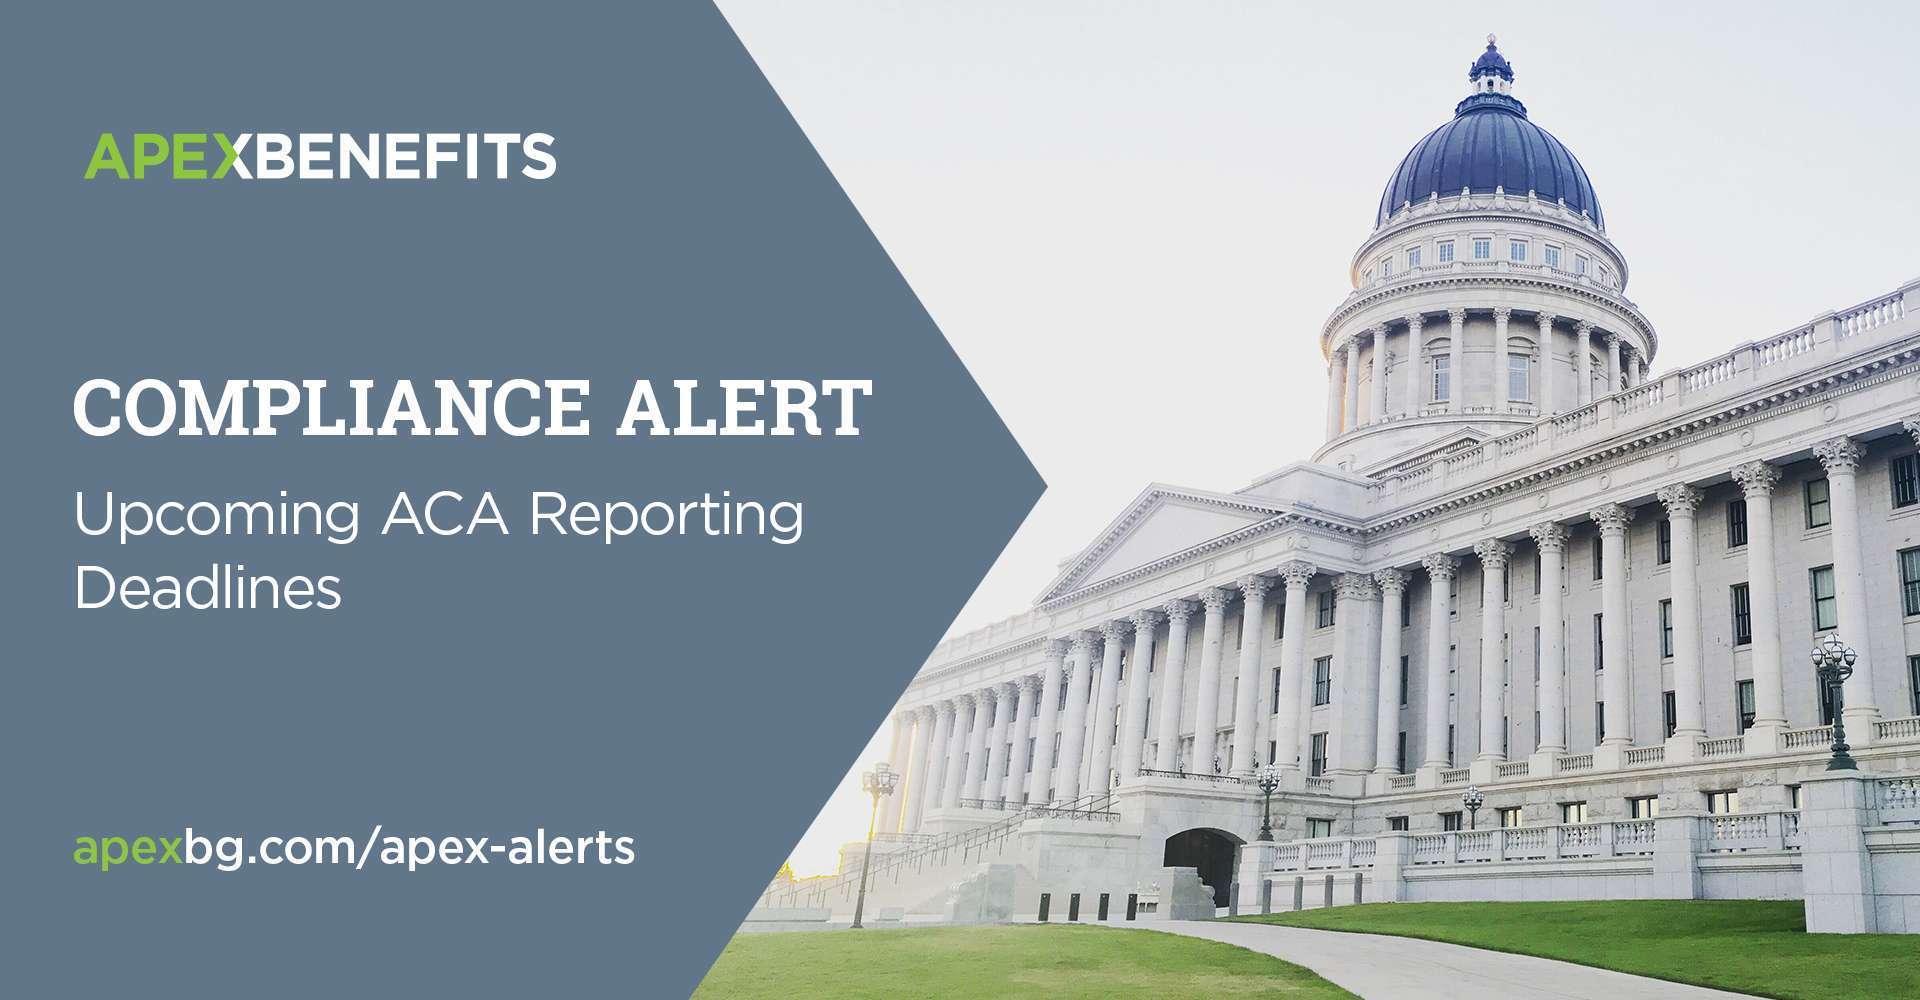 Compliance Alert: Upcoming ACA Reporting Deadlines